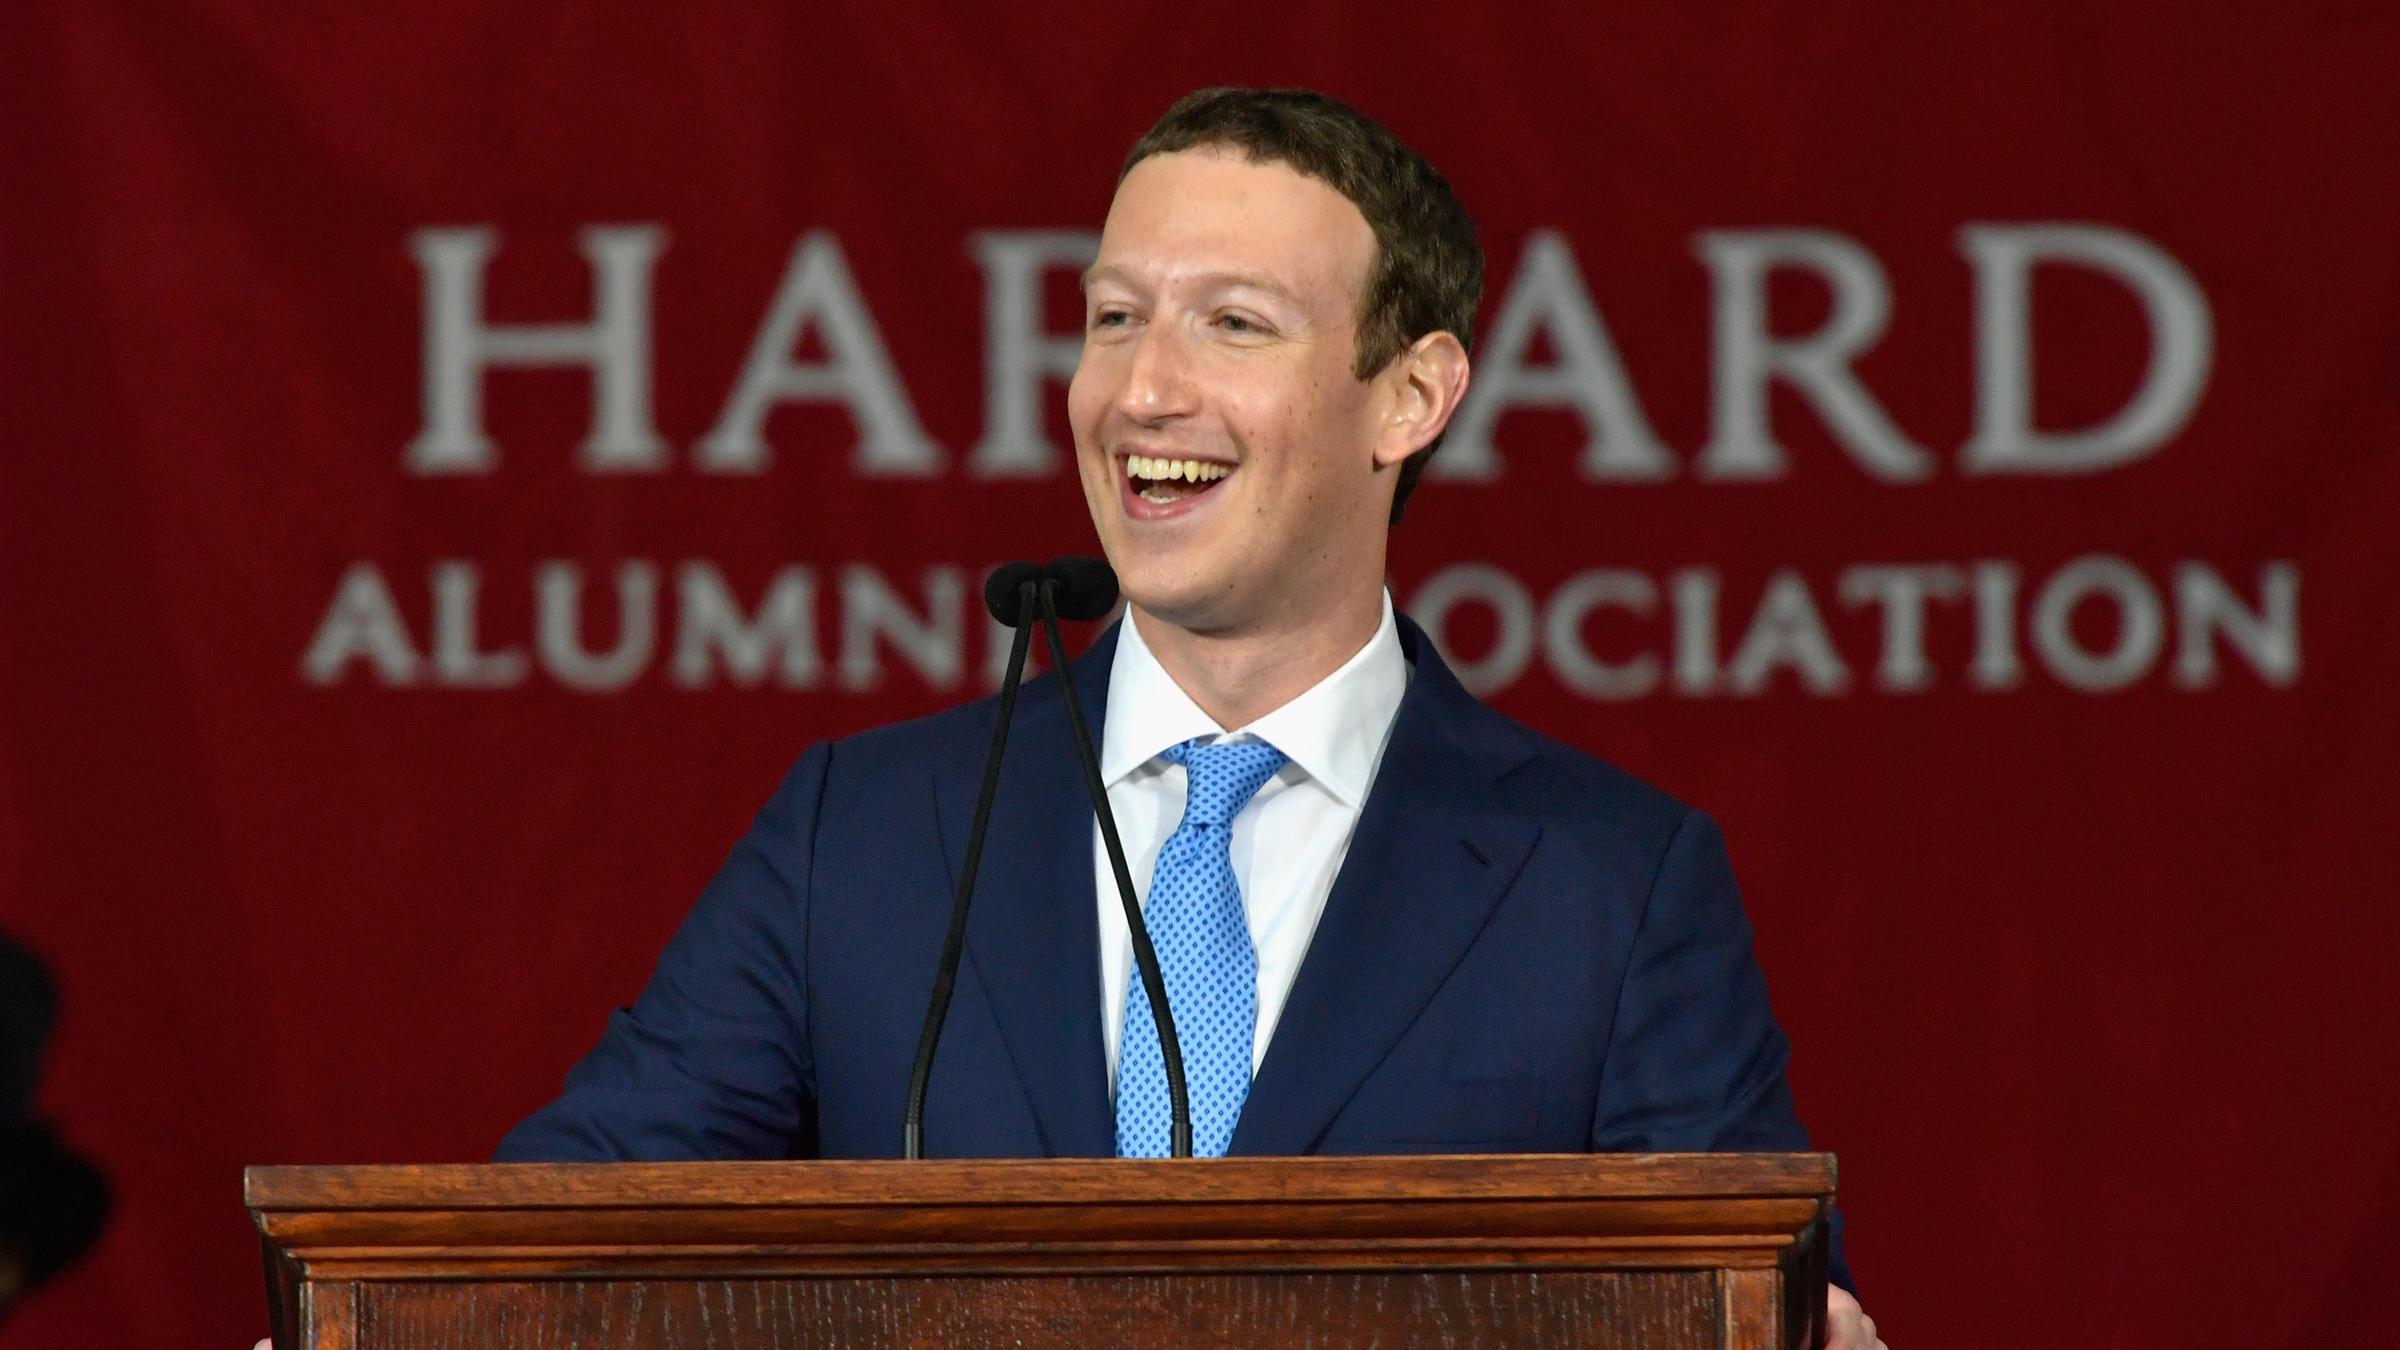 Mark Zuckerberg network okulu başarı sözleri 2